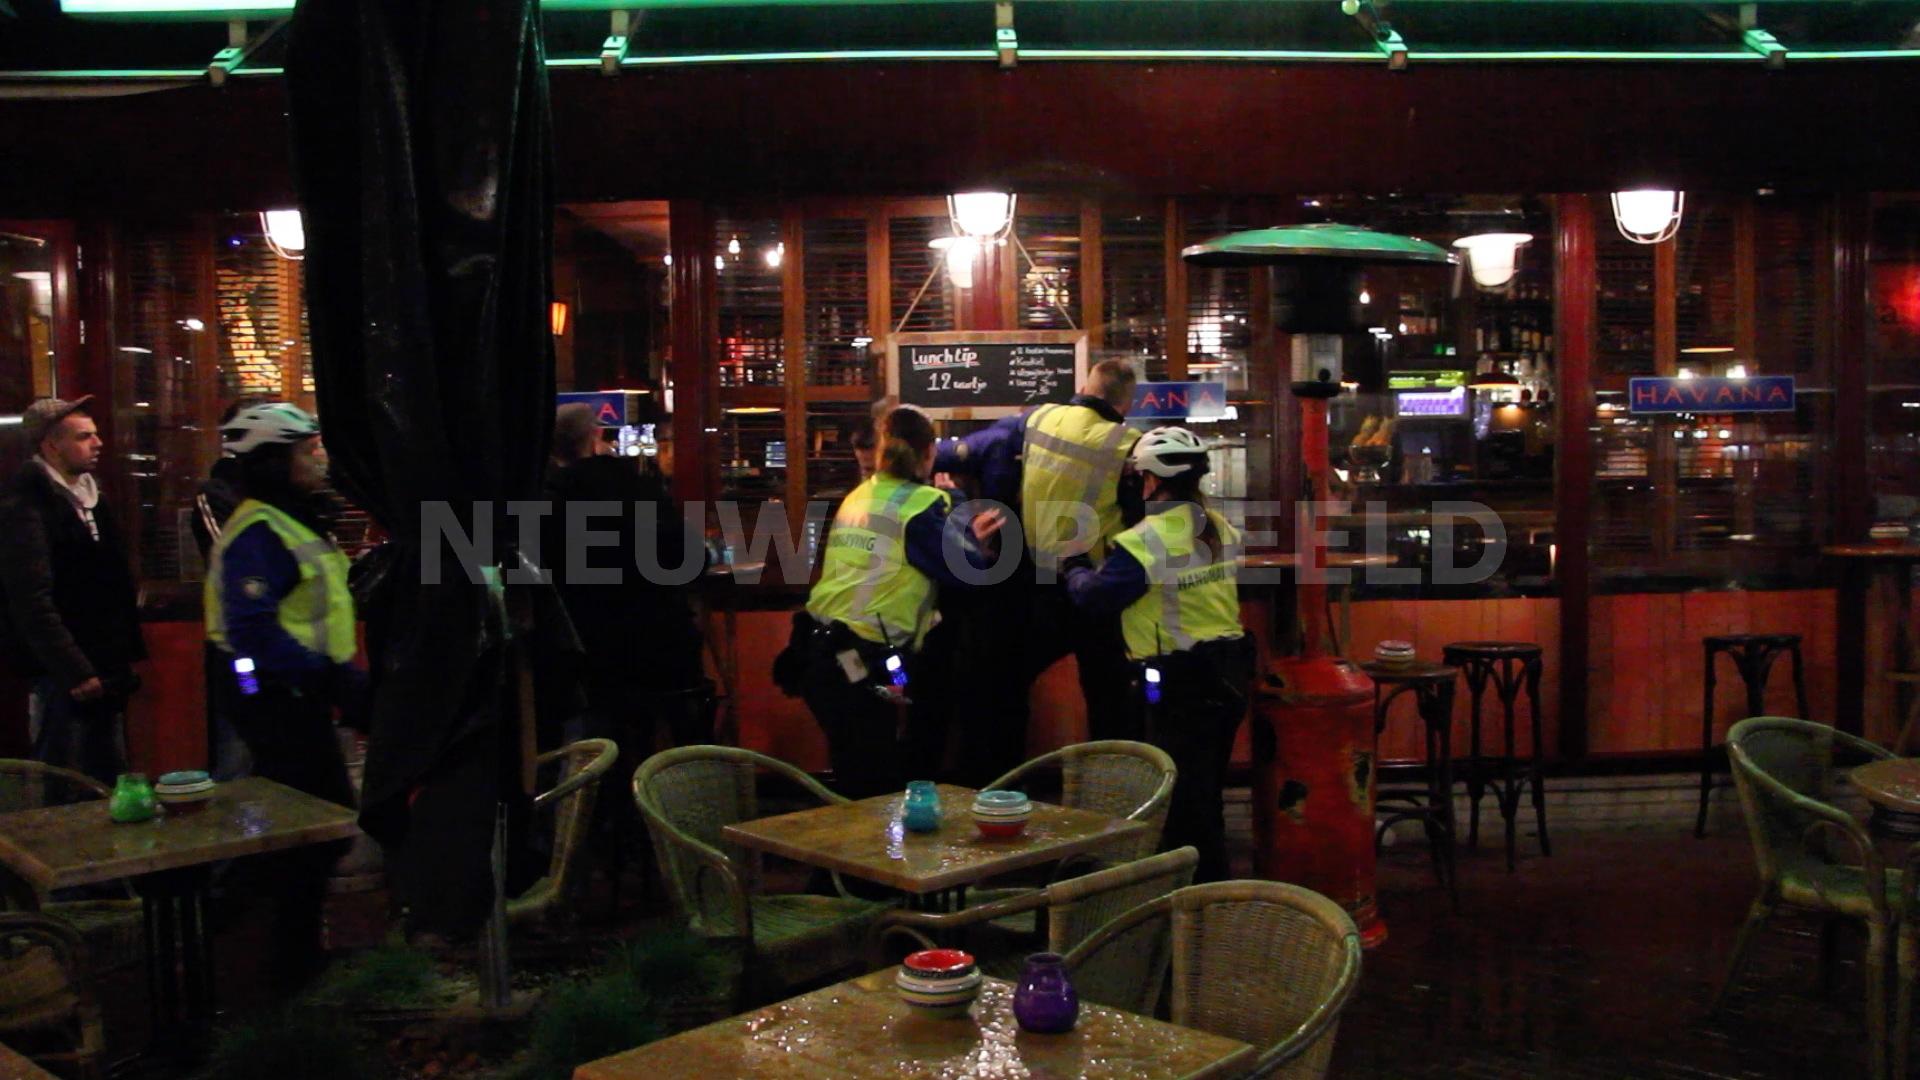 Man verzet zich hevig bij aanhouding na beledigen handhavers Stadsplein Capelle aan den IJssel [VIDEO]